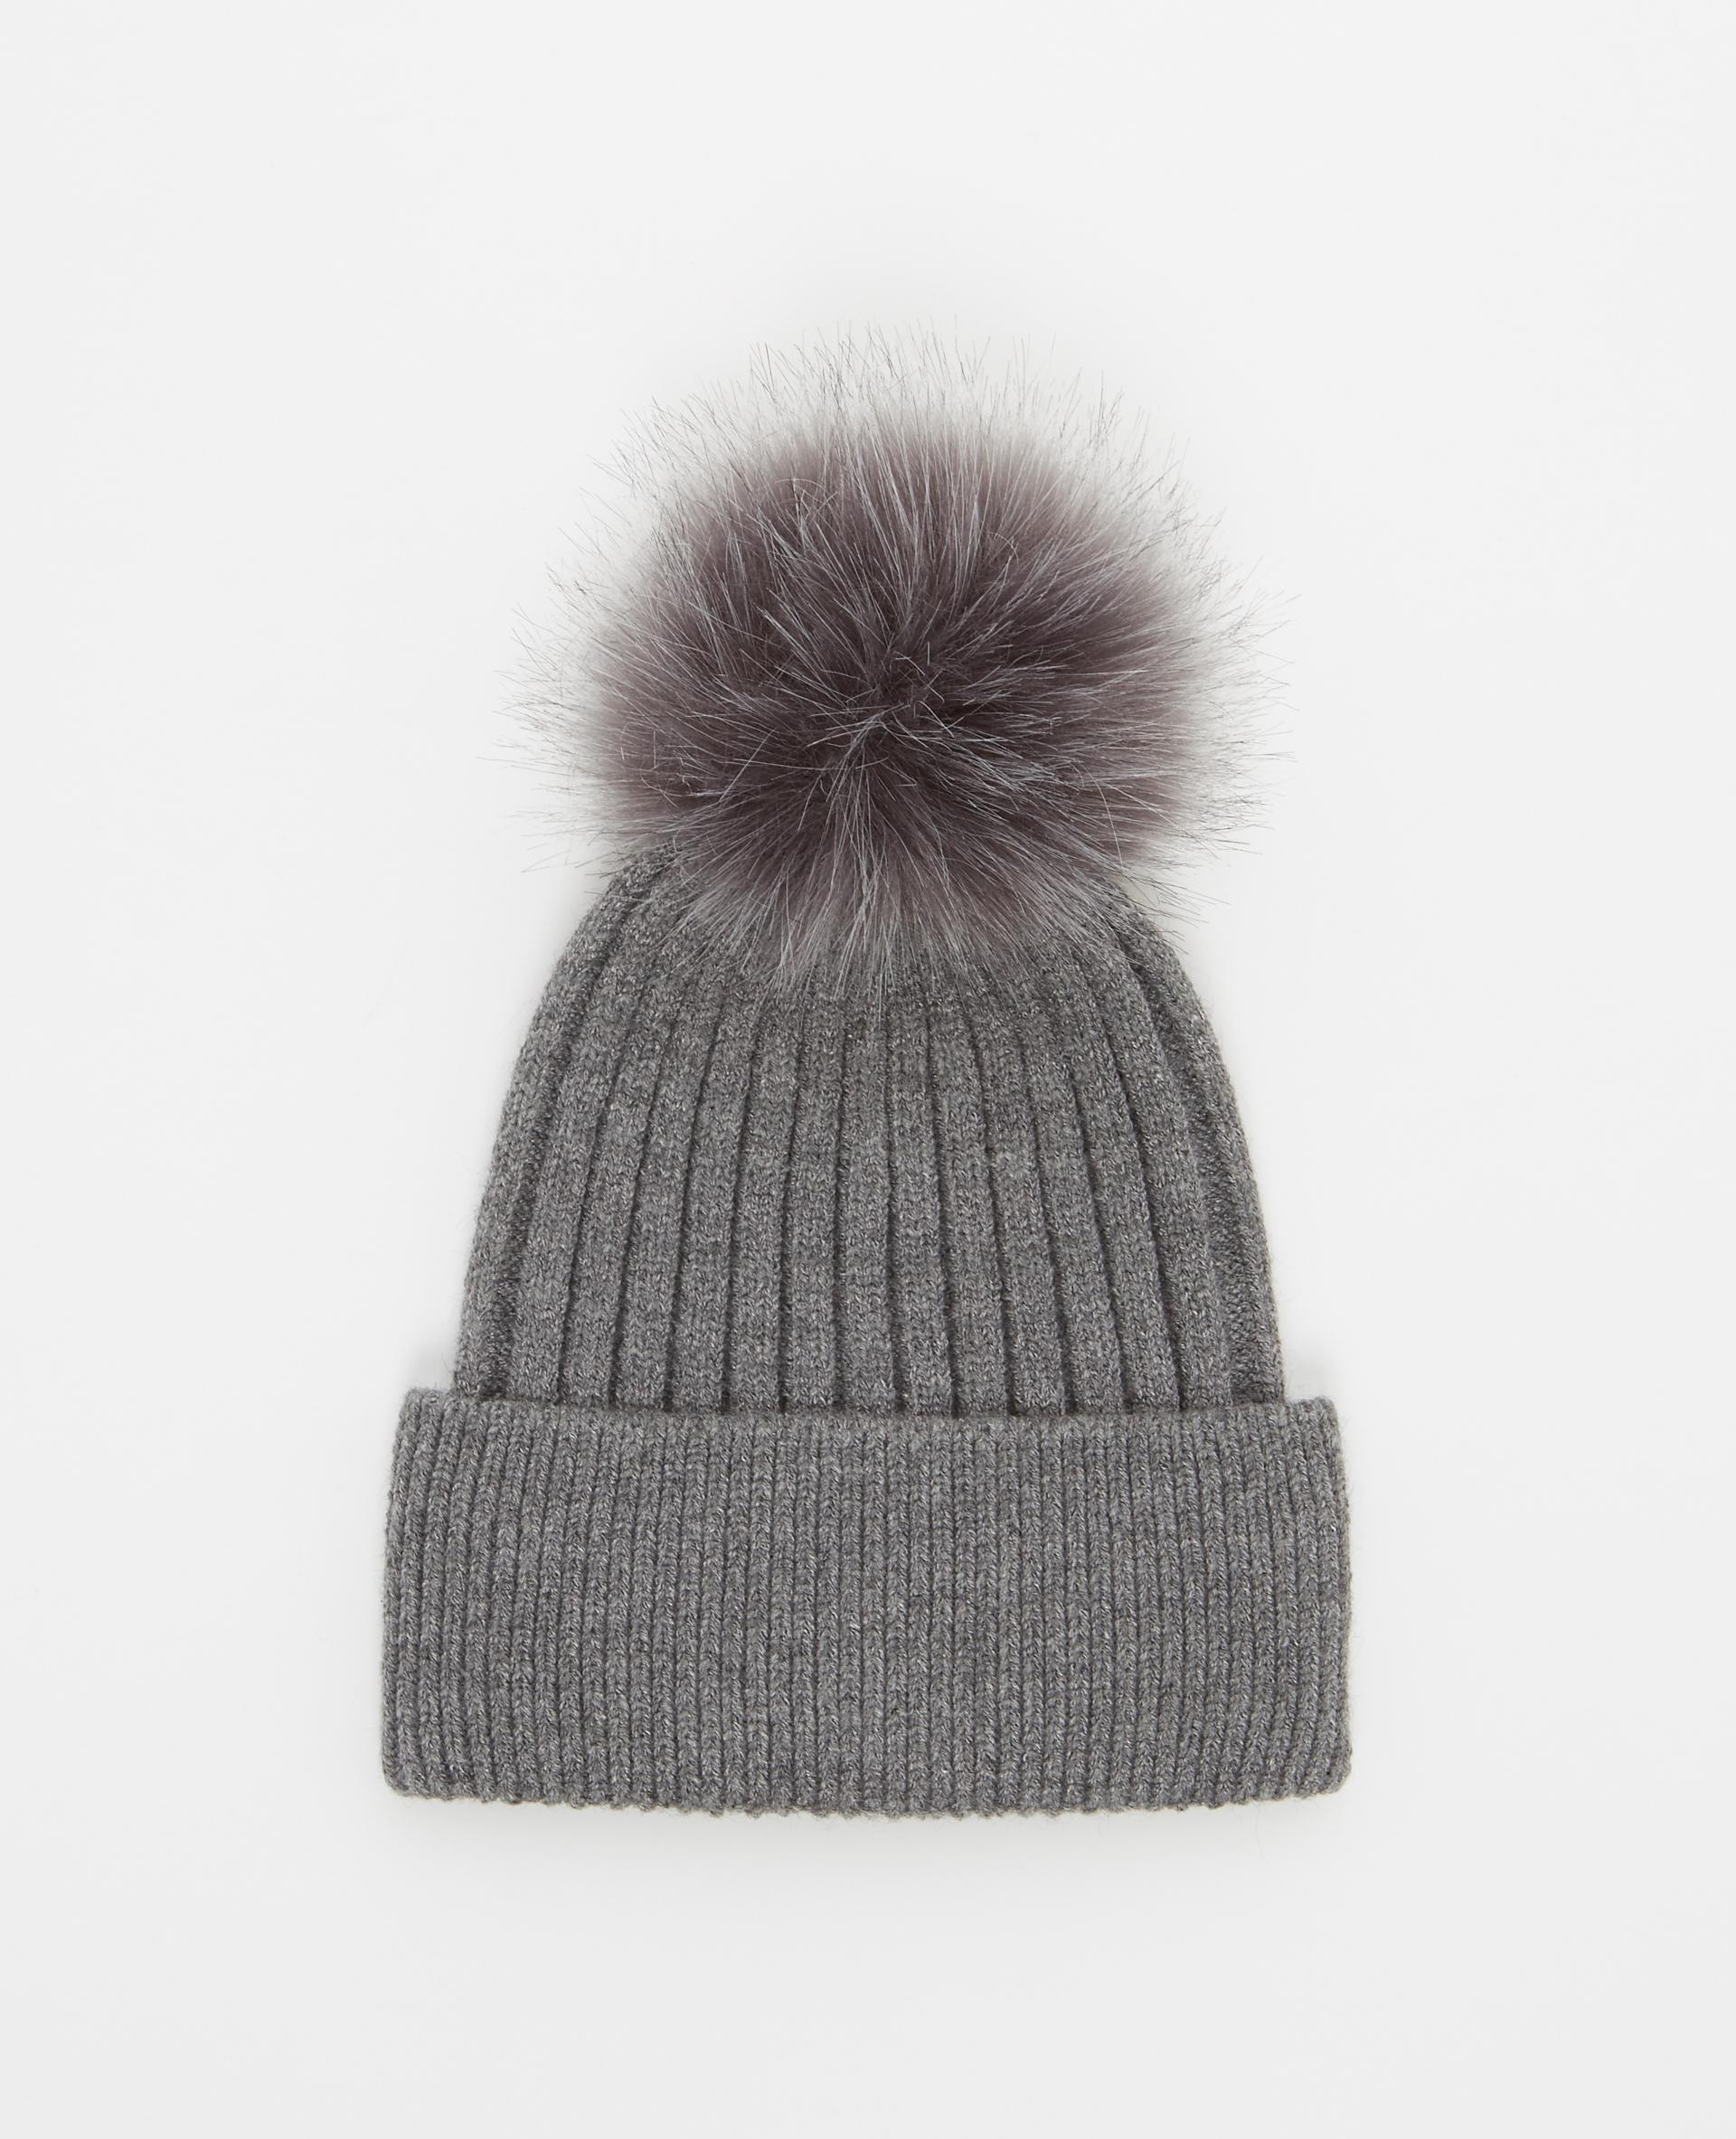 Bonnet à pompon gris foncé - Pimkie